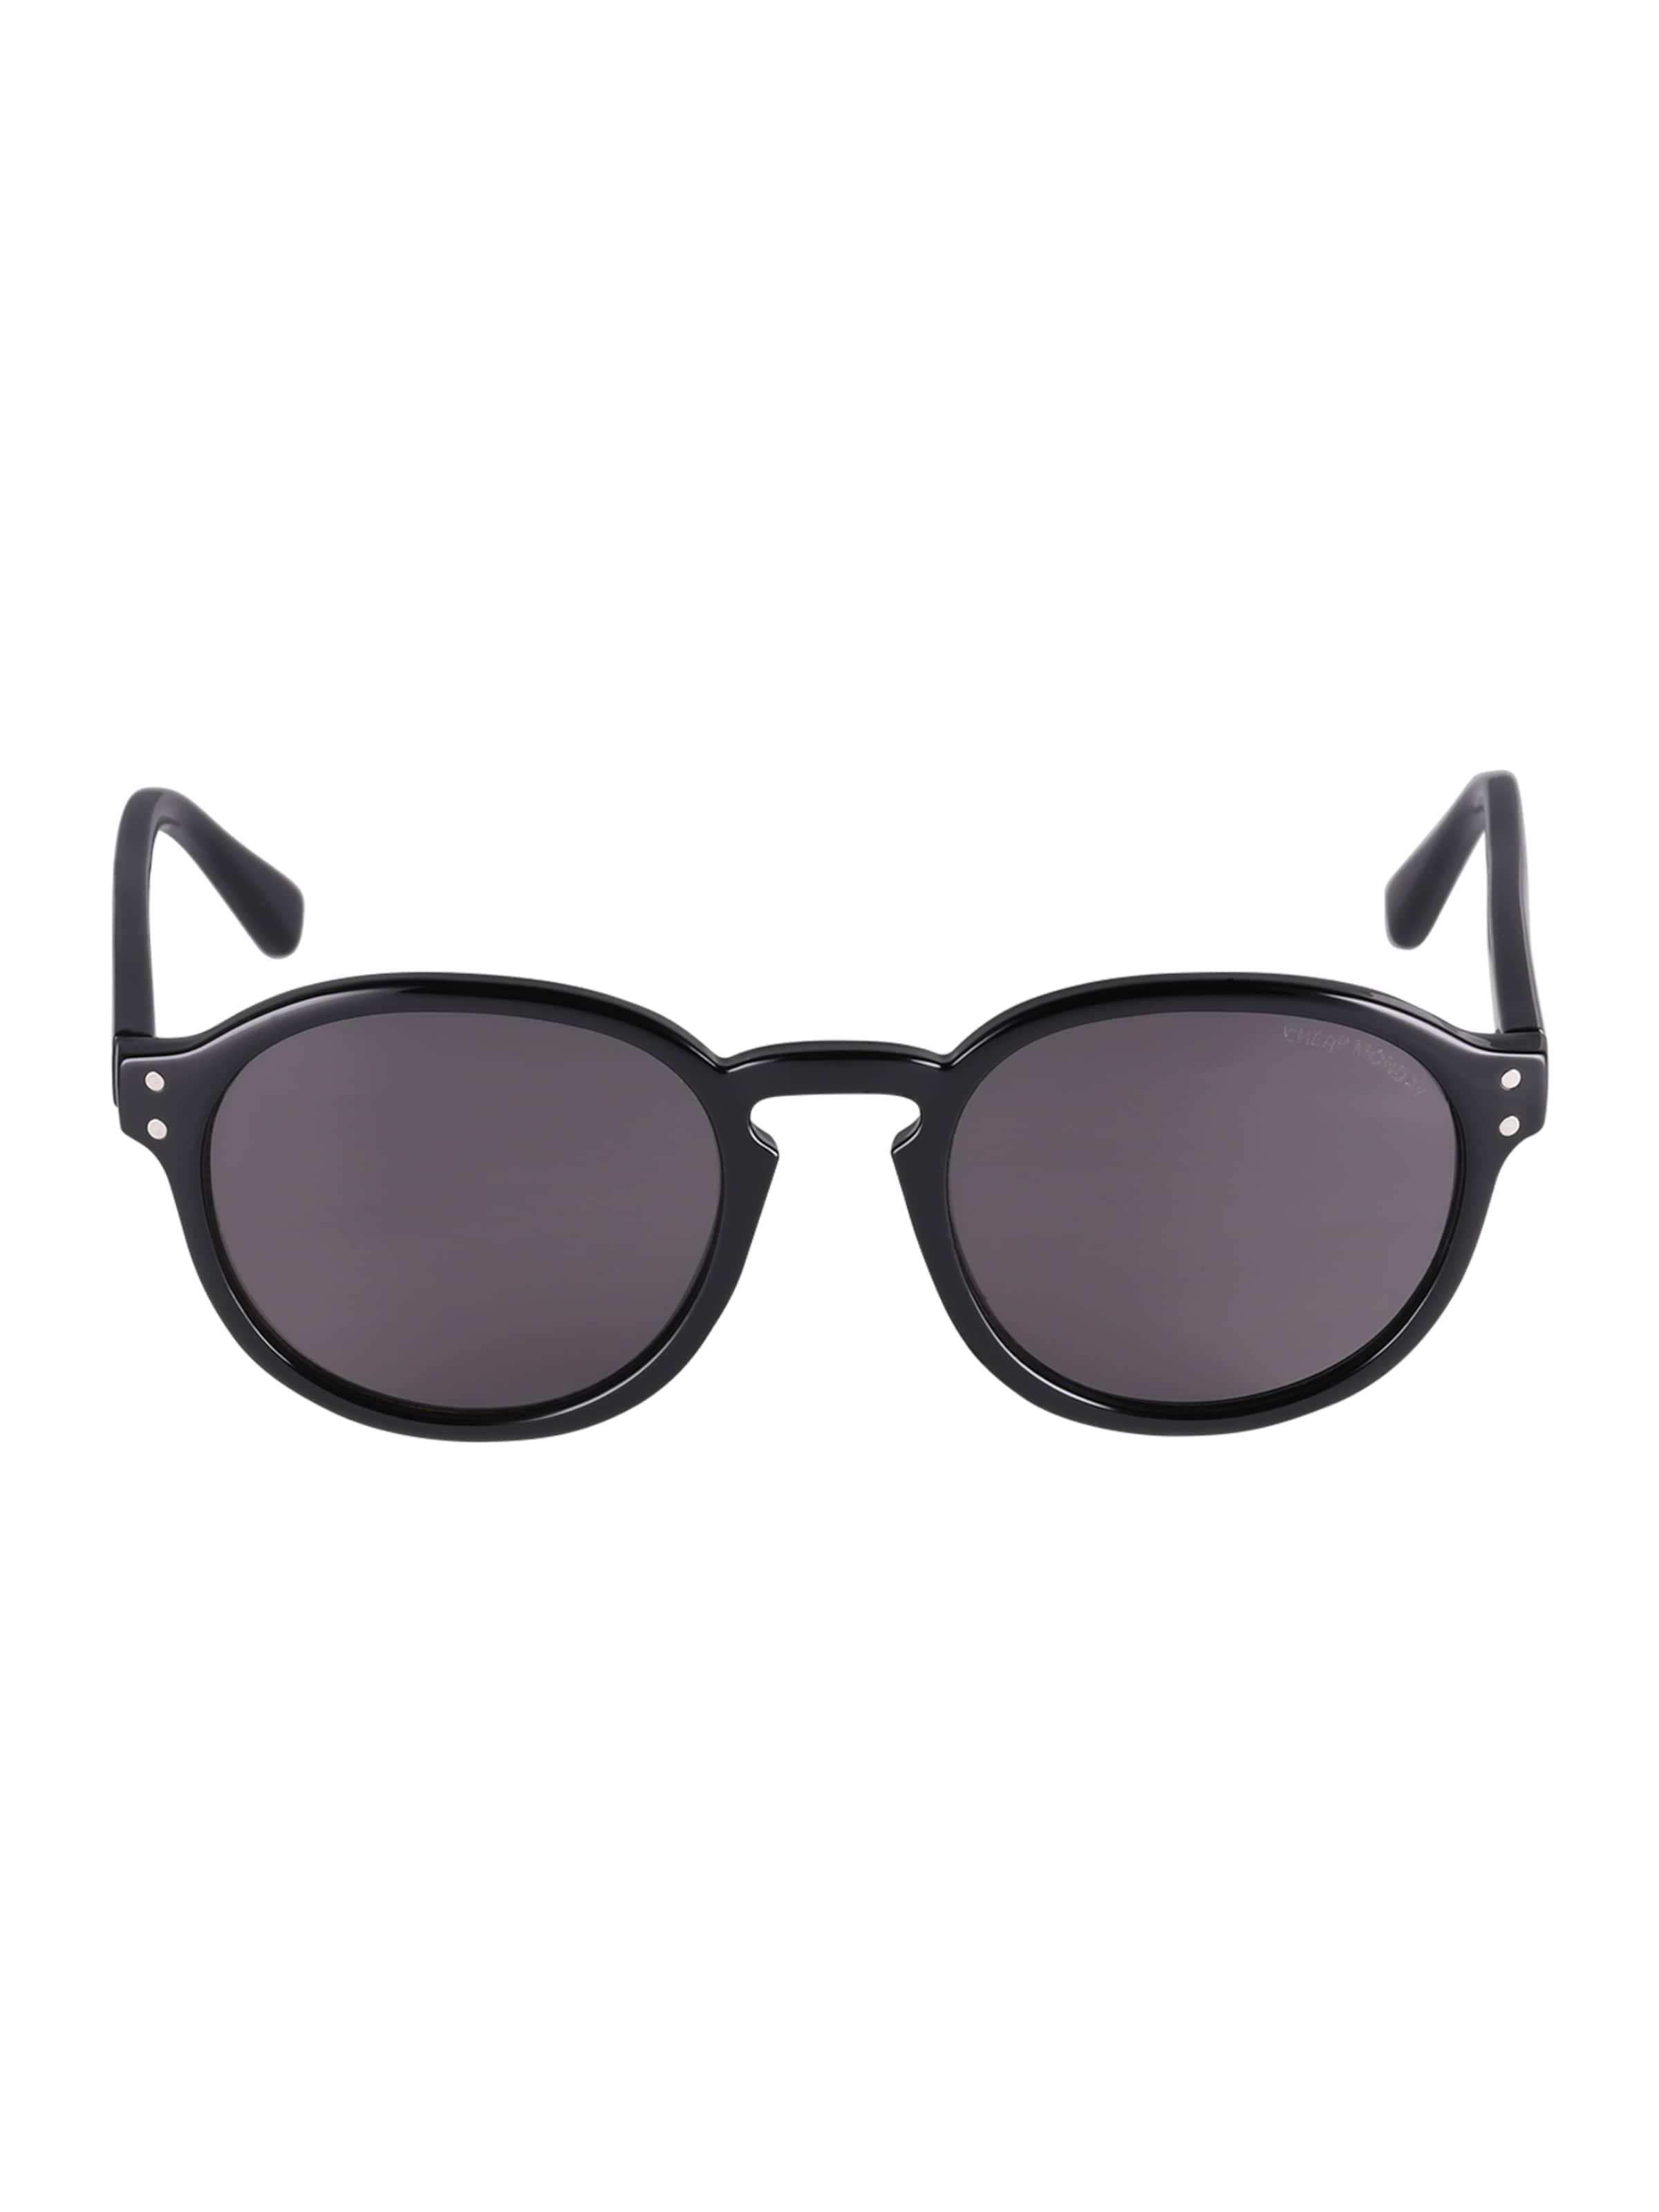 Grenze Angebot Billig CHEAP MONDAY Sonnenbrille 'Cytric' Outlet-Preisen Billig Suchen TuyXkau